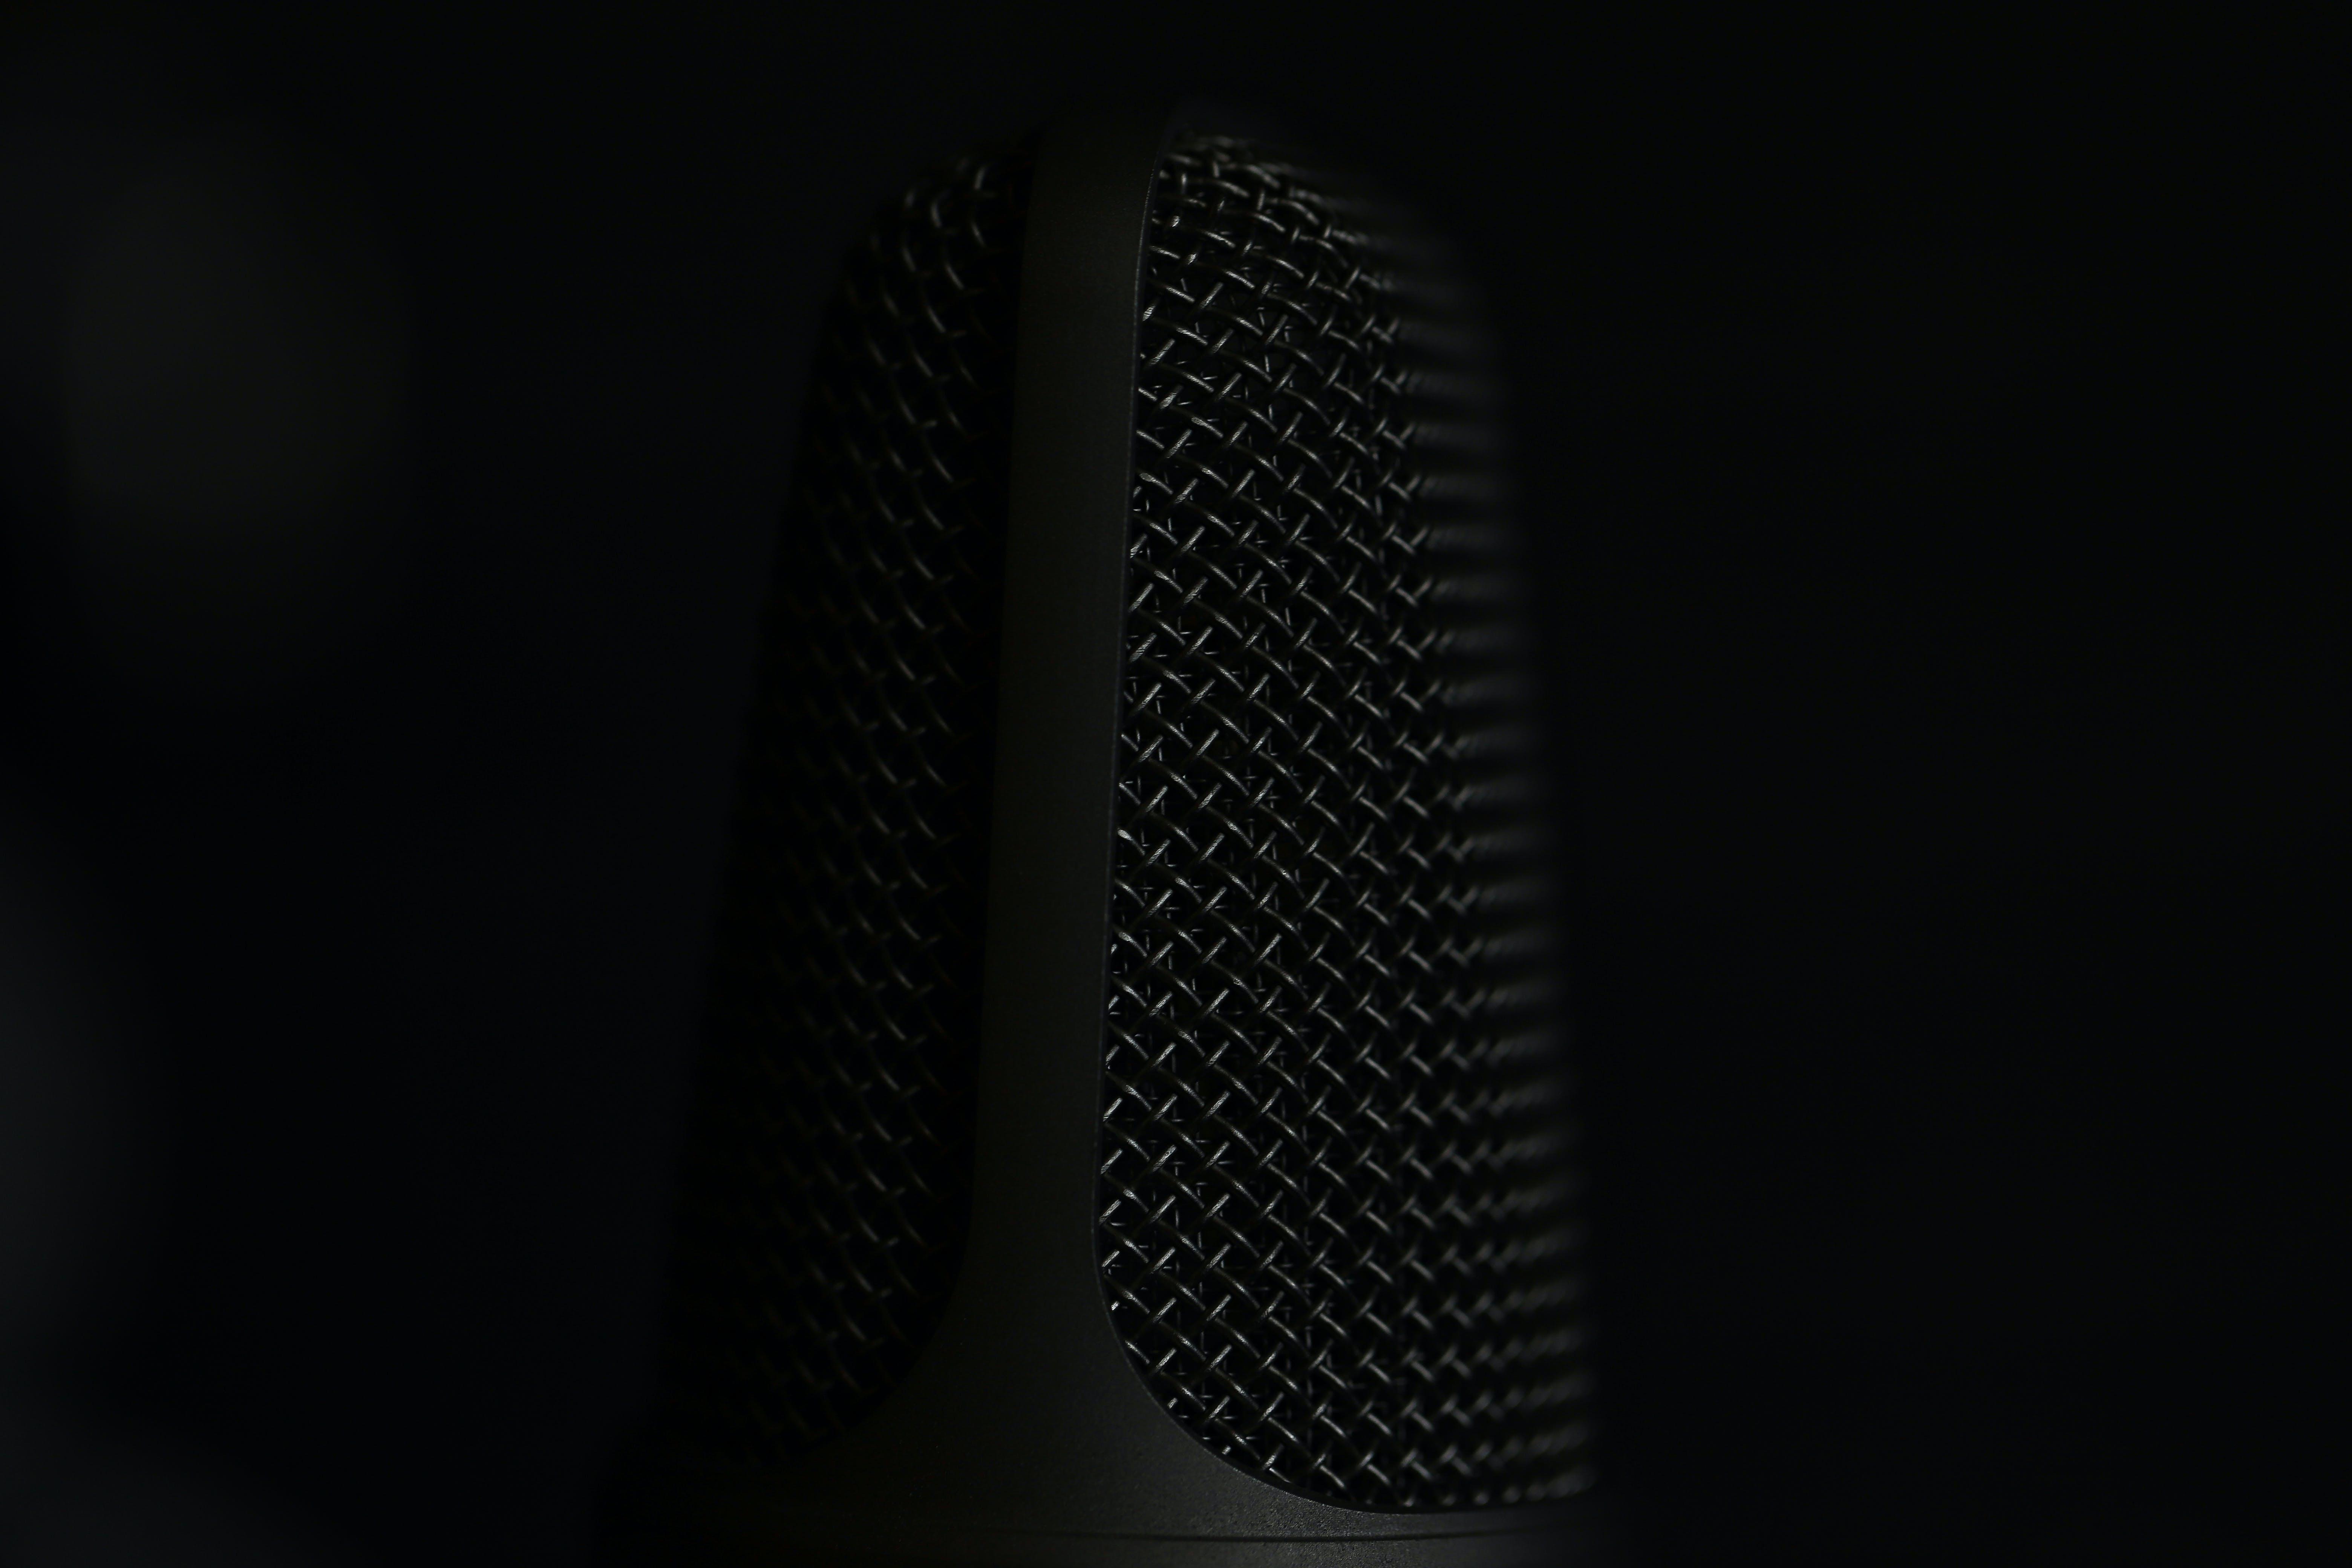 Kostenloses Stock Foto zu audio, aufführung, aufnahme, ausrüstung